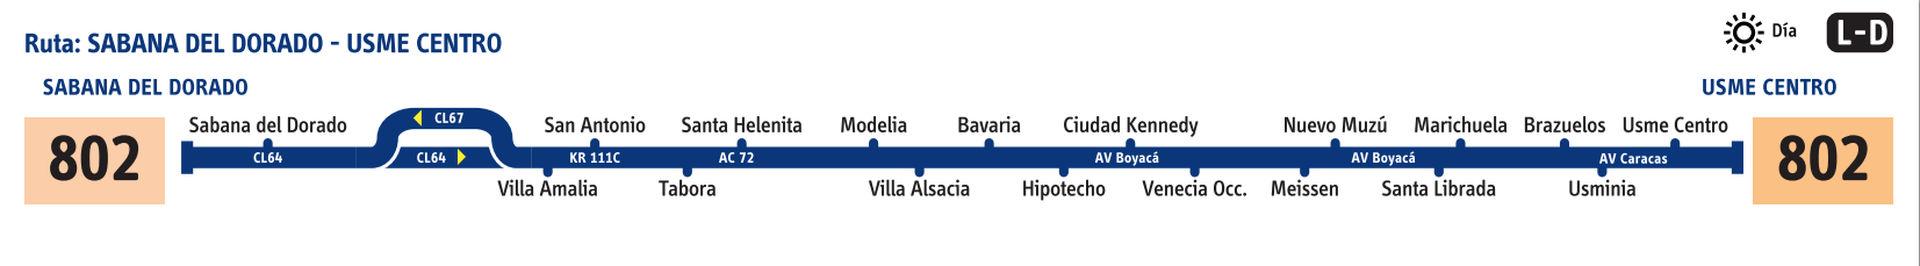 Ruta SITP: 802 Usme Pueblo ↔ Sabana del Dorado (Recortada hasta Carvajal) [Urbana] 1